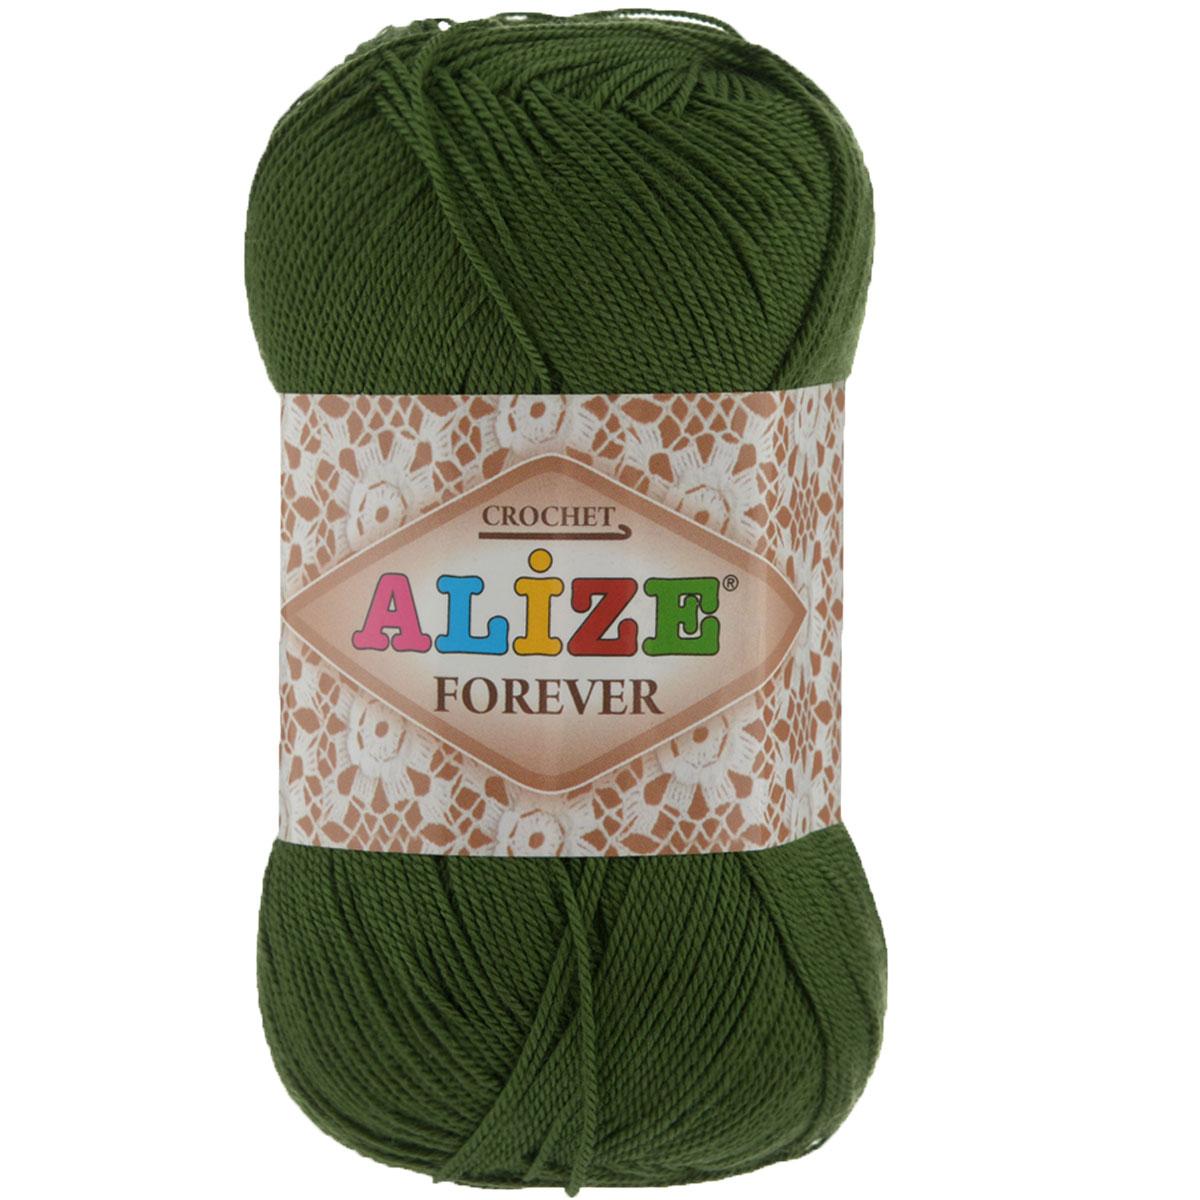 Пряжа для вязания Alize Forever, цвет: темно-зеленый (35), 300 м, 50 г, 5 шт367022_35Alize Forever - это тщательно обработанная акриловая пряжа, которая приобретает вид мерсеризованной нити. Классическая пряжа, прочная, мягкая и шелковистая. Большое разнообразие цветов и оттенков от спокойных до ярких позволять подобрать пряжу для вязания на любой вкус. Предназначена для вязания летних и весенних вещей и прекрасно подойдет как для спиц, так и для крючка. Изделия получаются очень красивыми и нарядными внешне и при этом комфортными в носке. Рекомендованные спицы № 2-3,5, крючок № 0,75-1,5. Состав: 100% акрил.